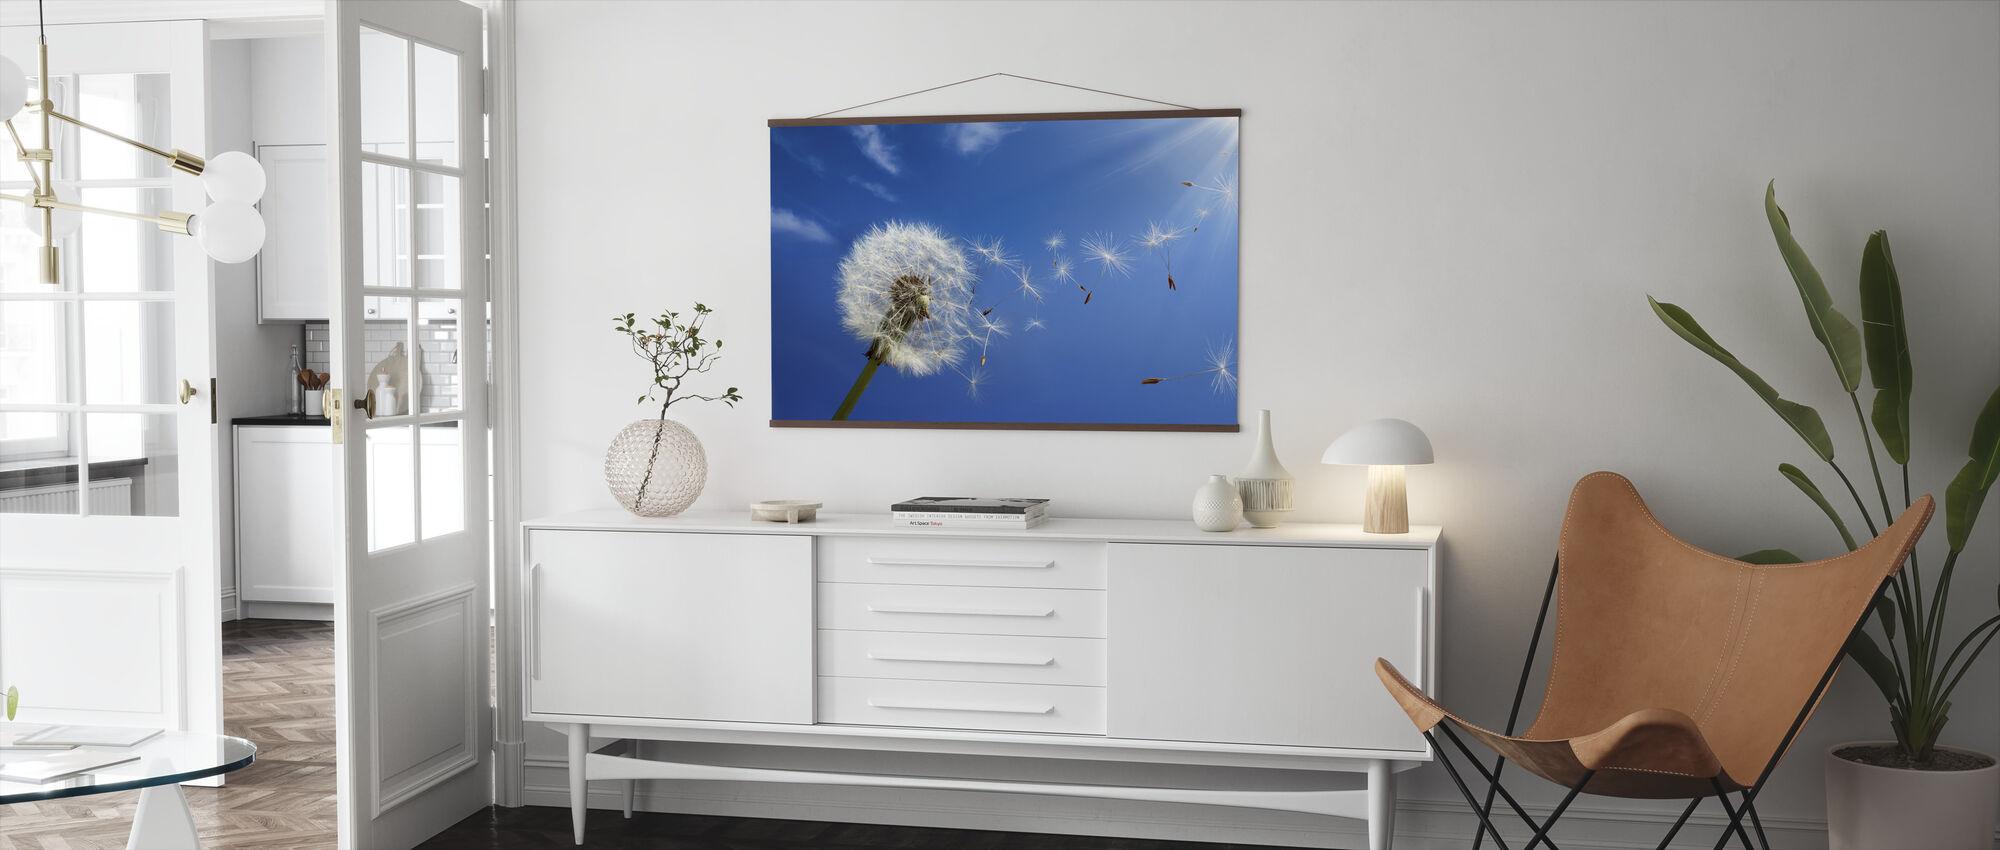 Träume von Löwenzahn - Poster - Wohnzimmer